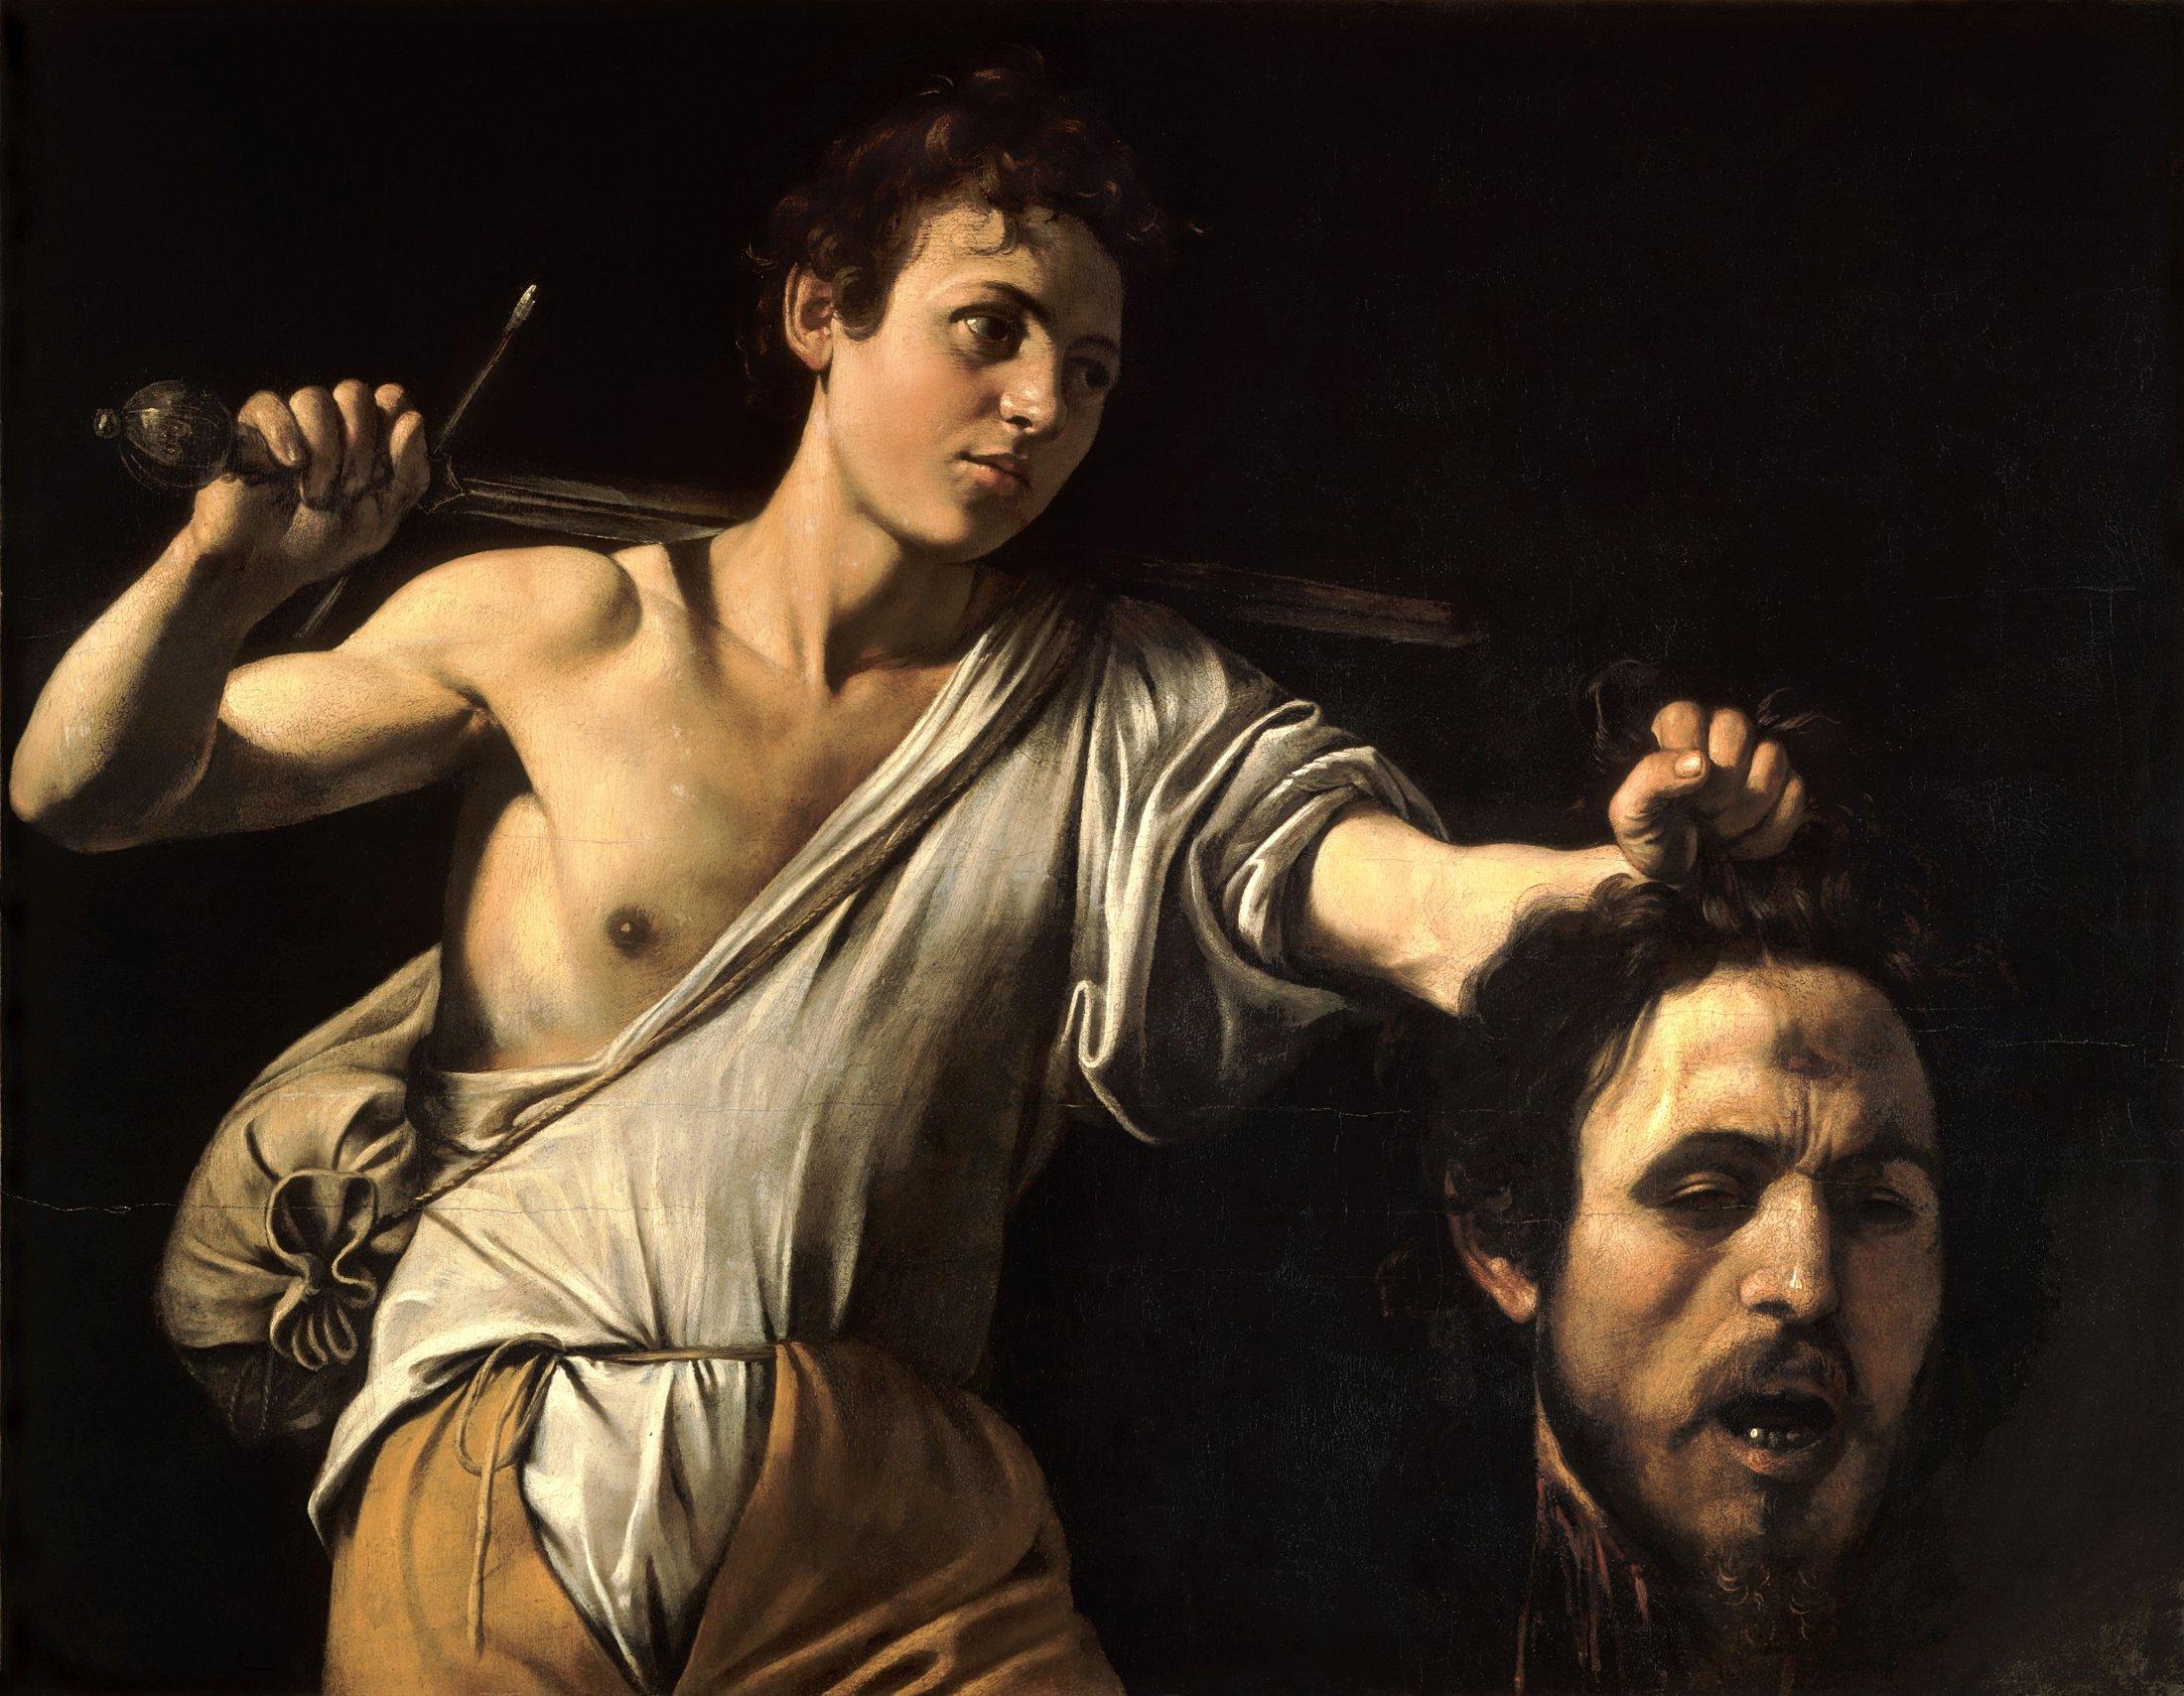 David With The Head Of Goliath-Caravaggio (c.1606-7)